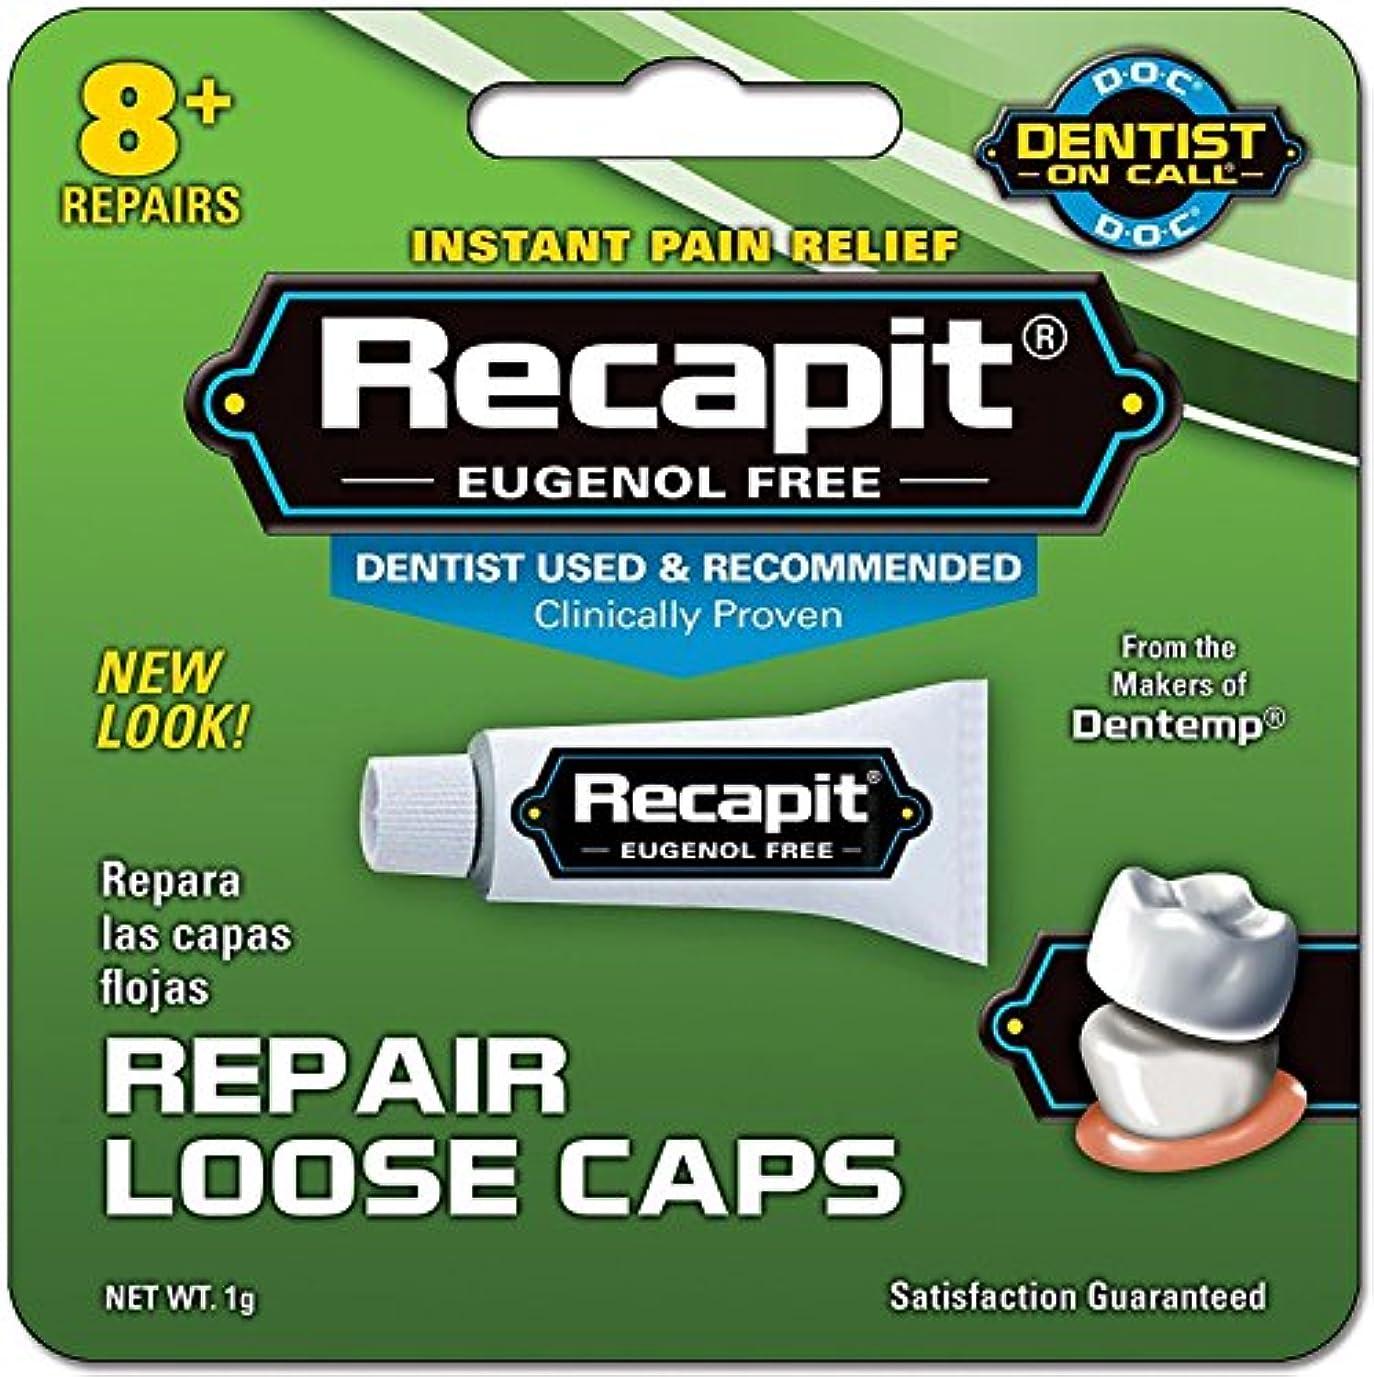 幻影漂流キャラクターDoc Recapitルースキャップ歯科修復 - 8つの修理、2パック